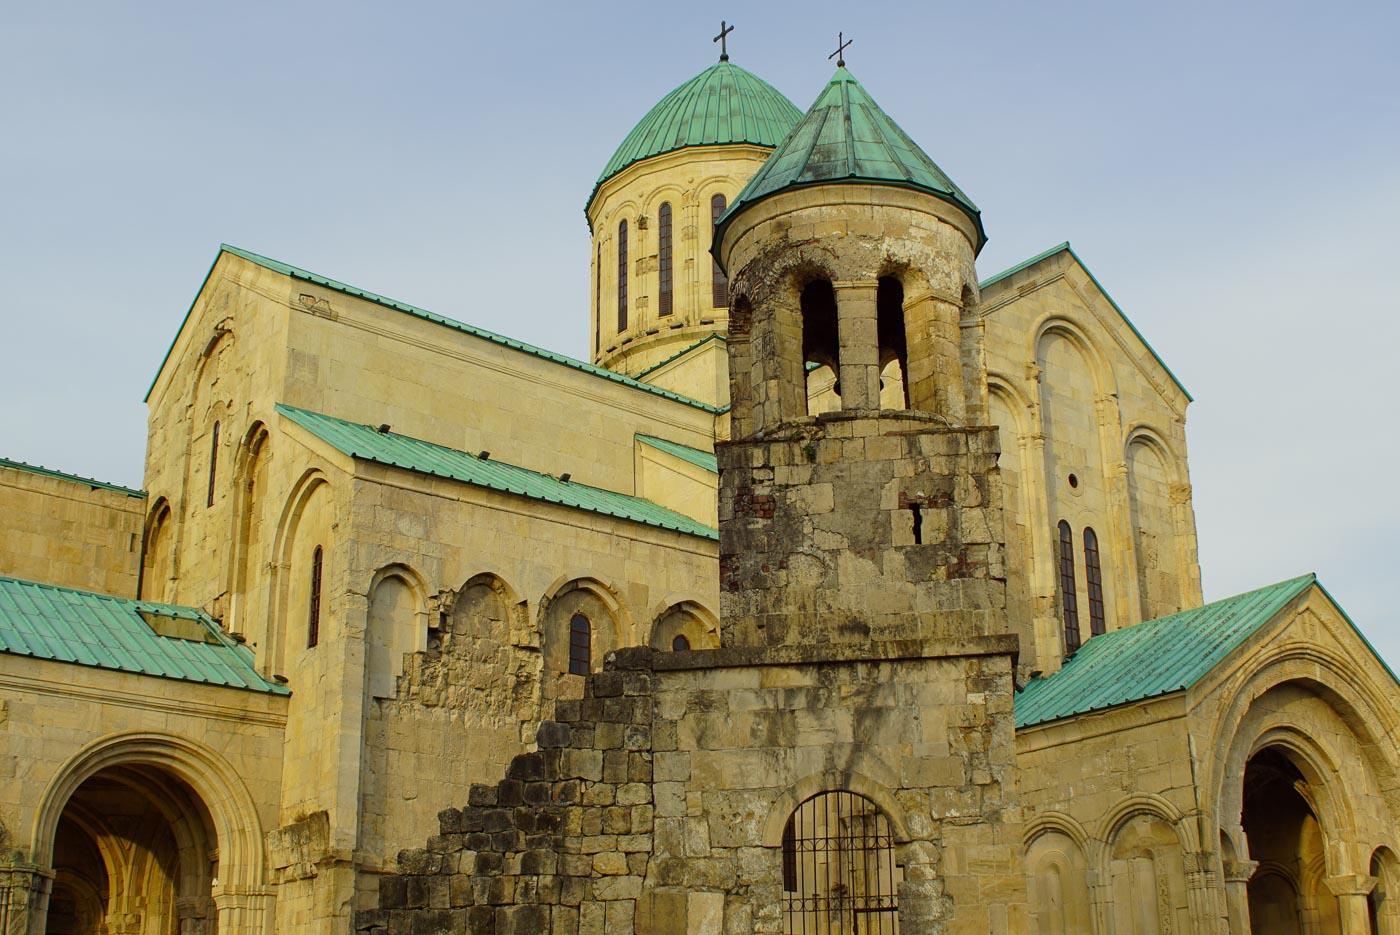 Zu sehen ist die Kathedrale von Kutaisi mit ihrem sandsteinfarbenem Gemäuer und Kupfer Grünen Dächern.